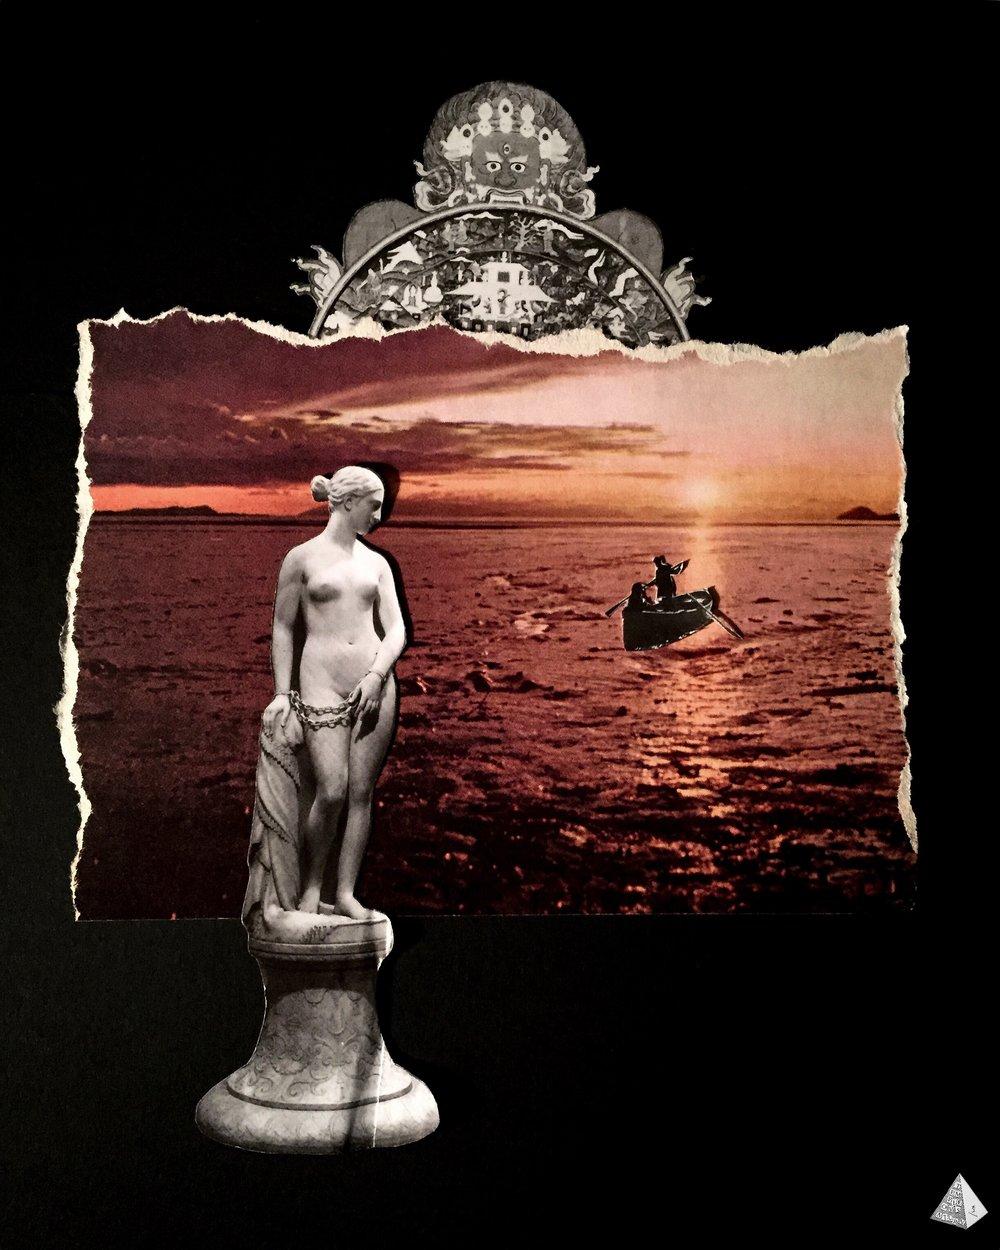 Les Fleurs du Mal: La Vie antérieure by Joan Pope (Temple ov Saturn)